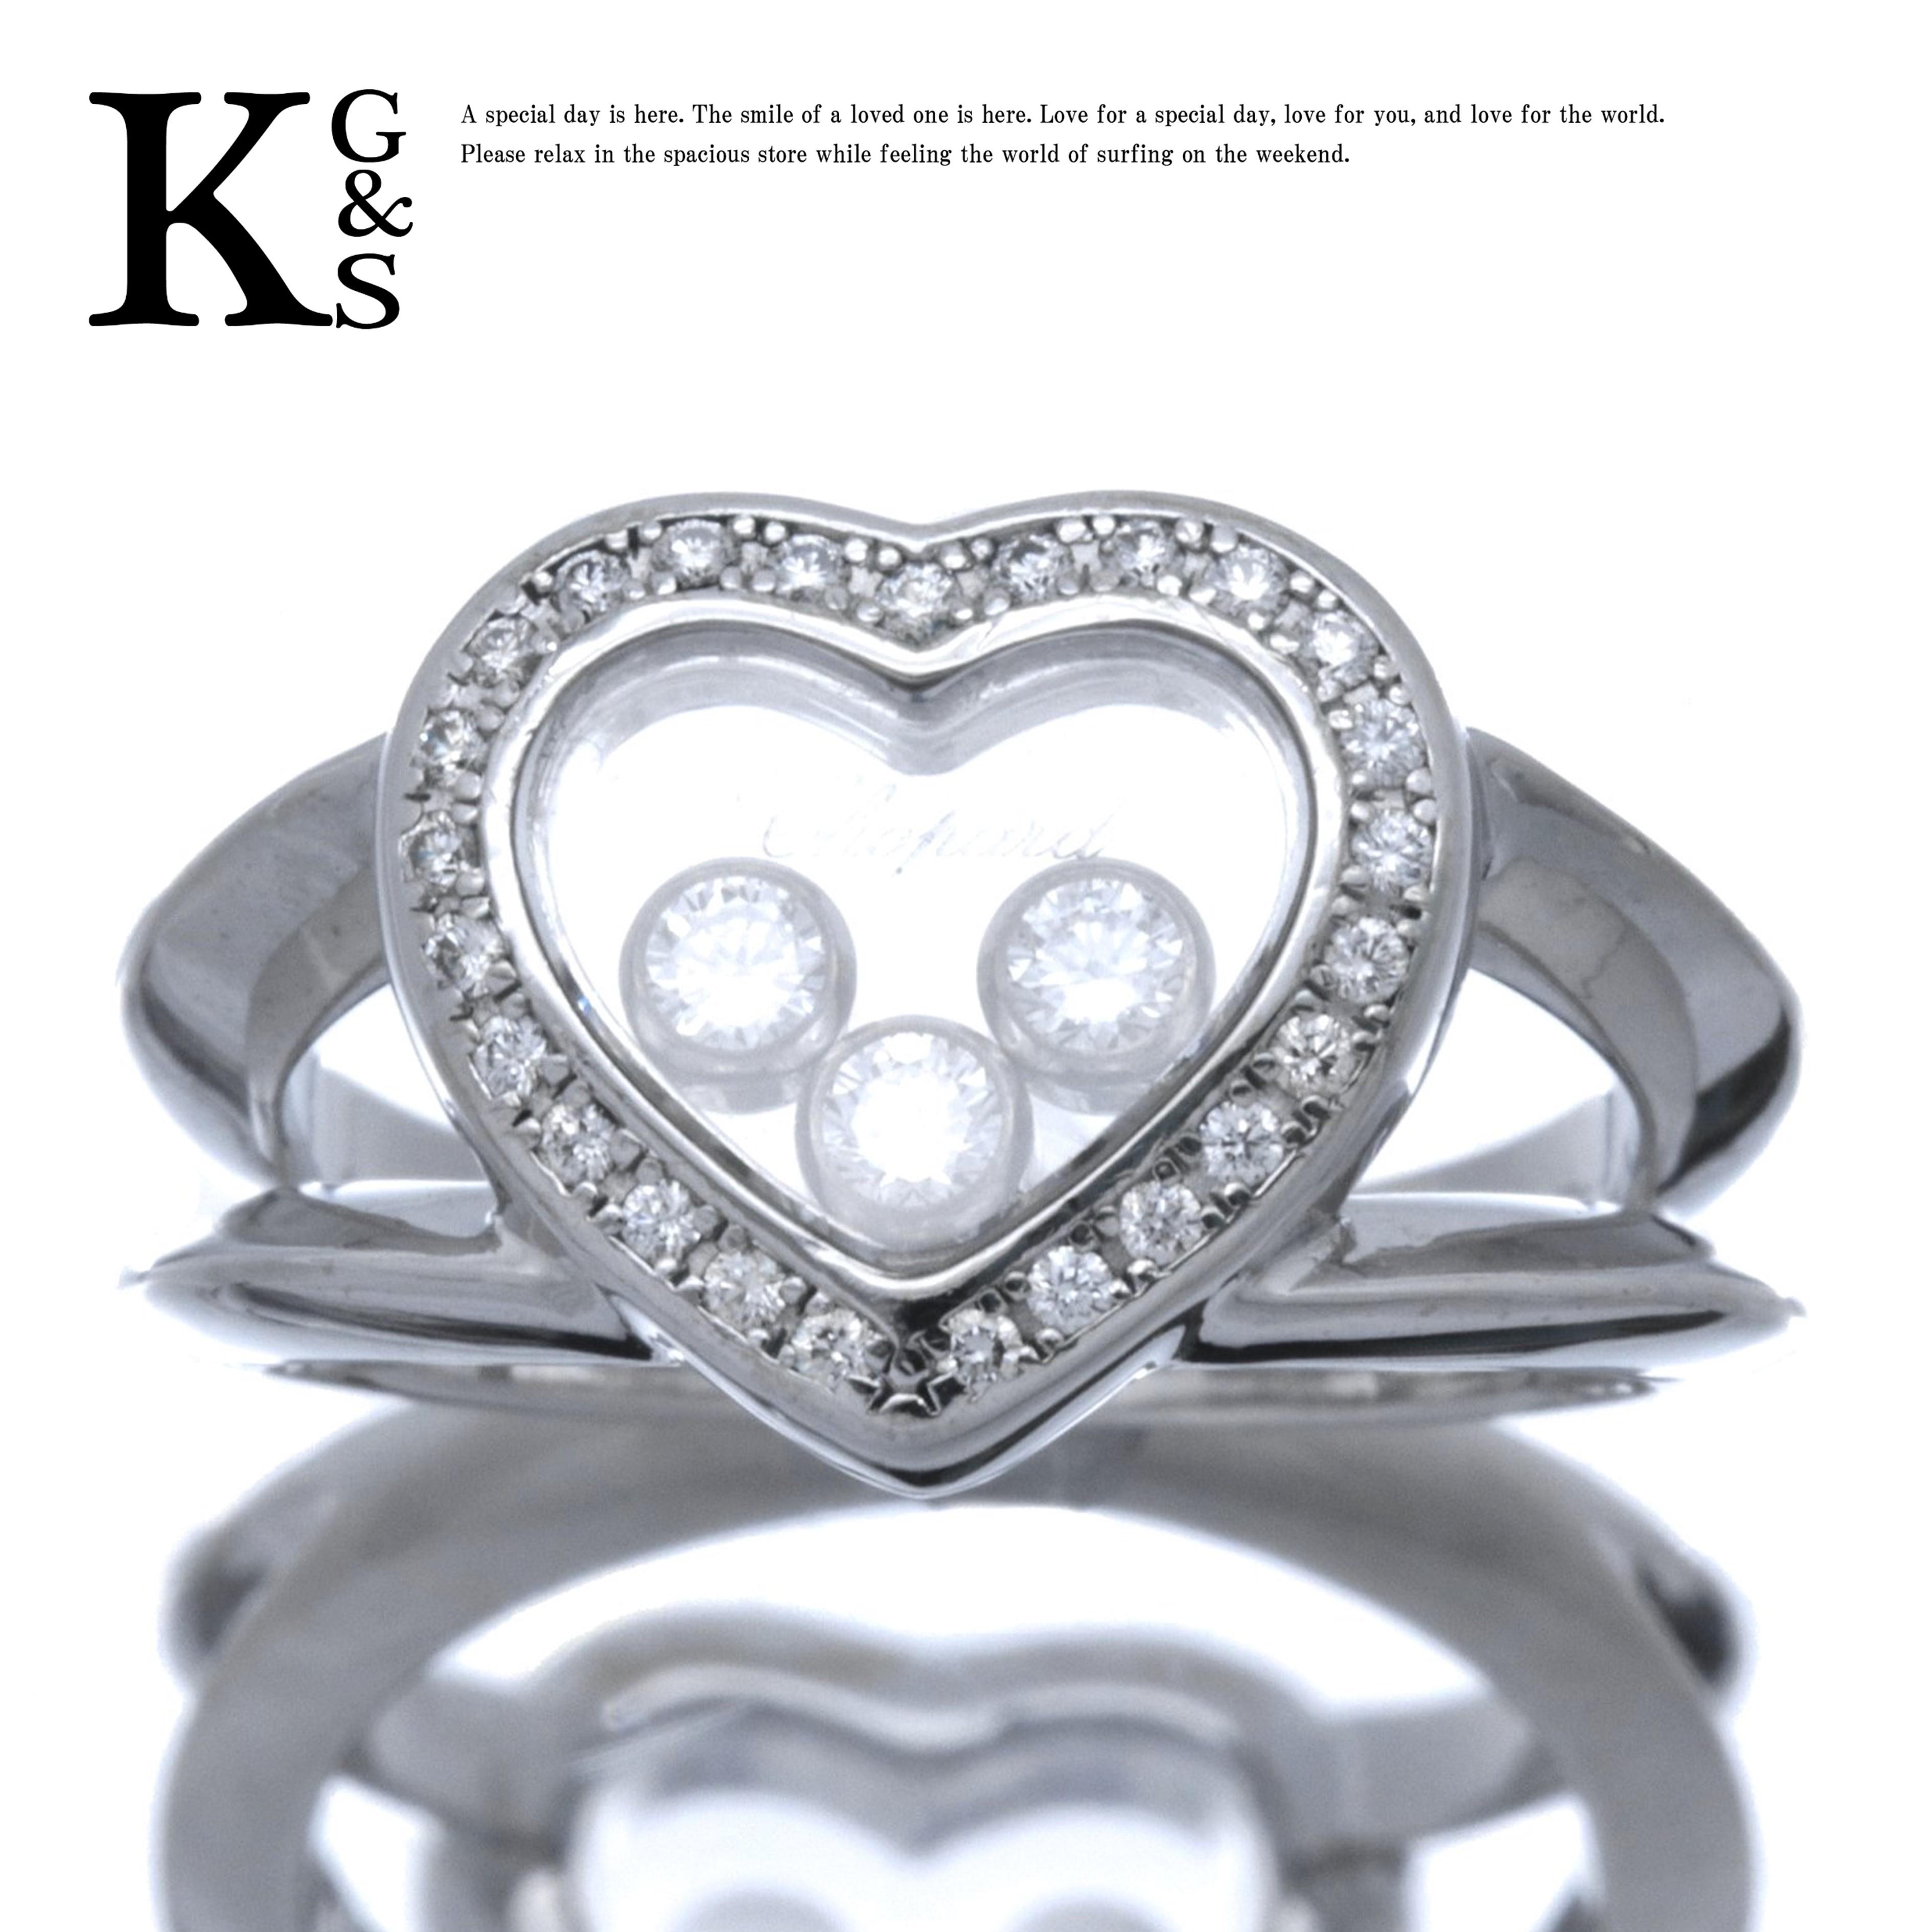 【ギフト品質】【名入れ】ショパール/Chopard レディース ハッピーダイヤモンド アイコンリング K18WG ホワイトゴールド ハート 指輪